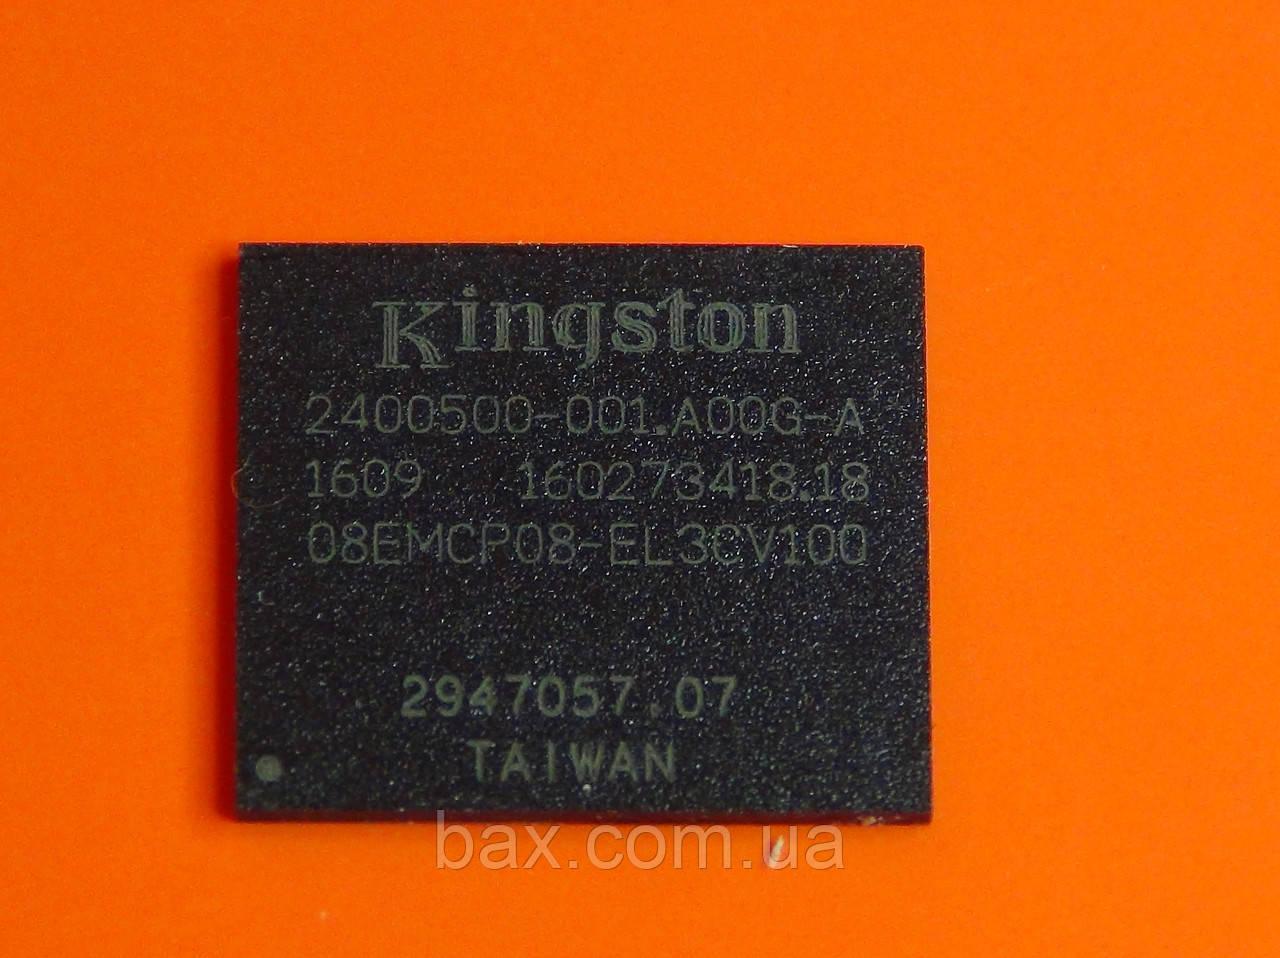 Микросхема памяти Kingston 08EMCP08-EL3CV100 Описание